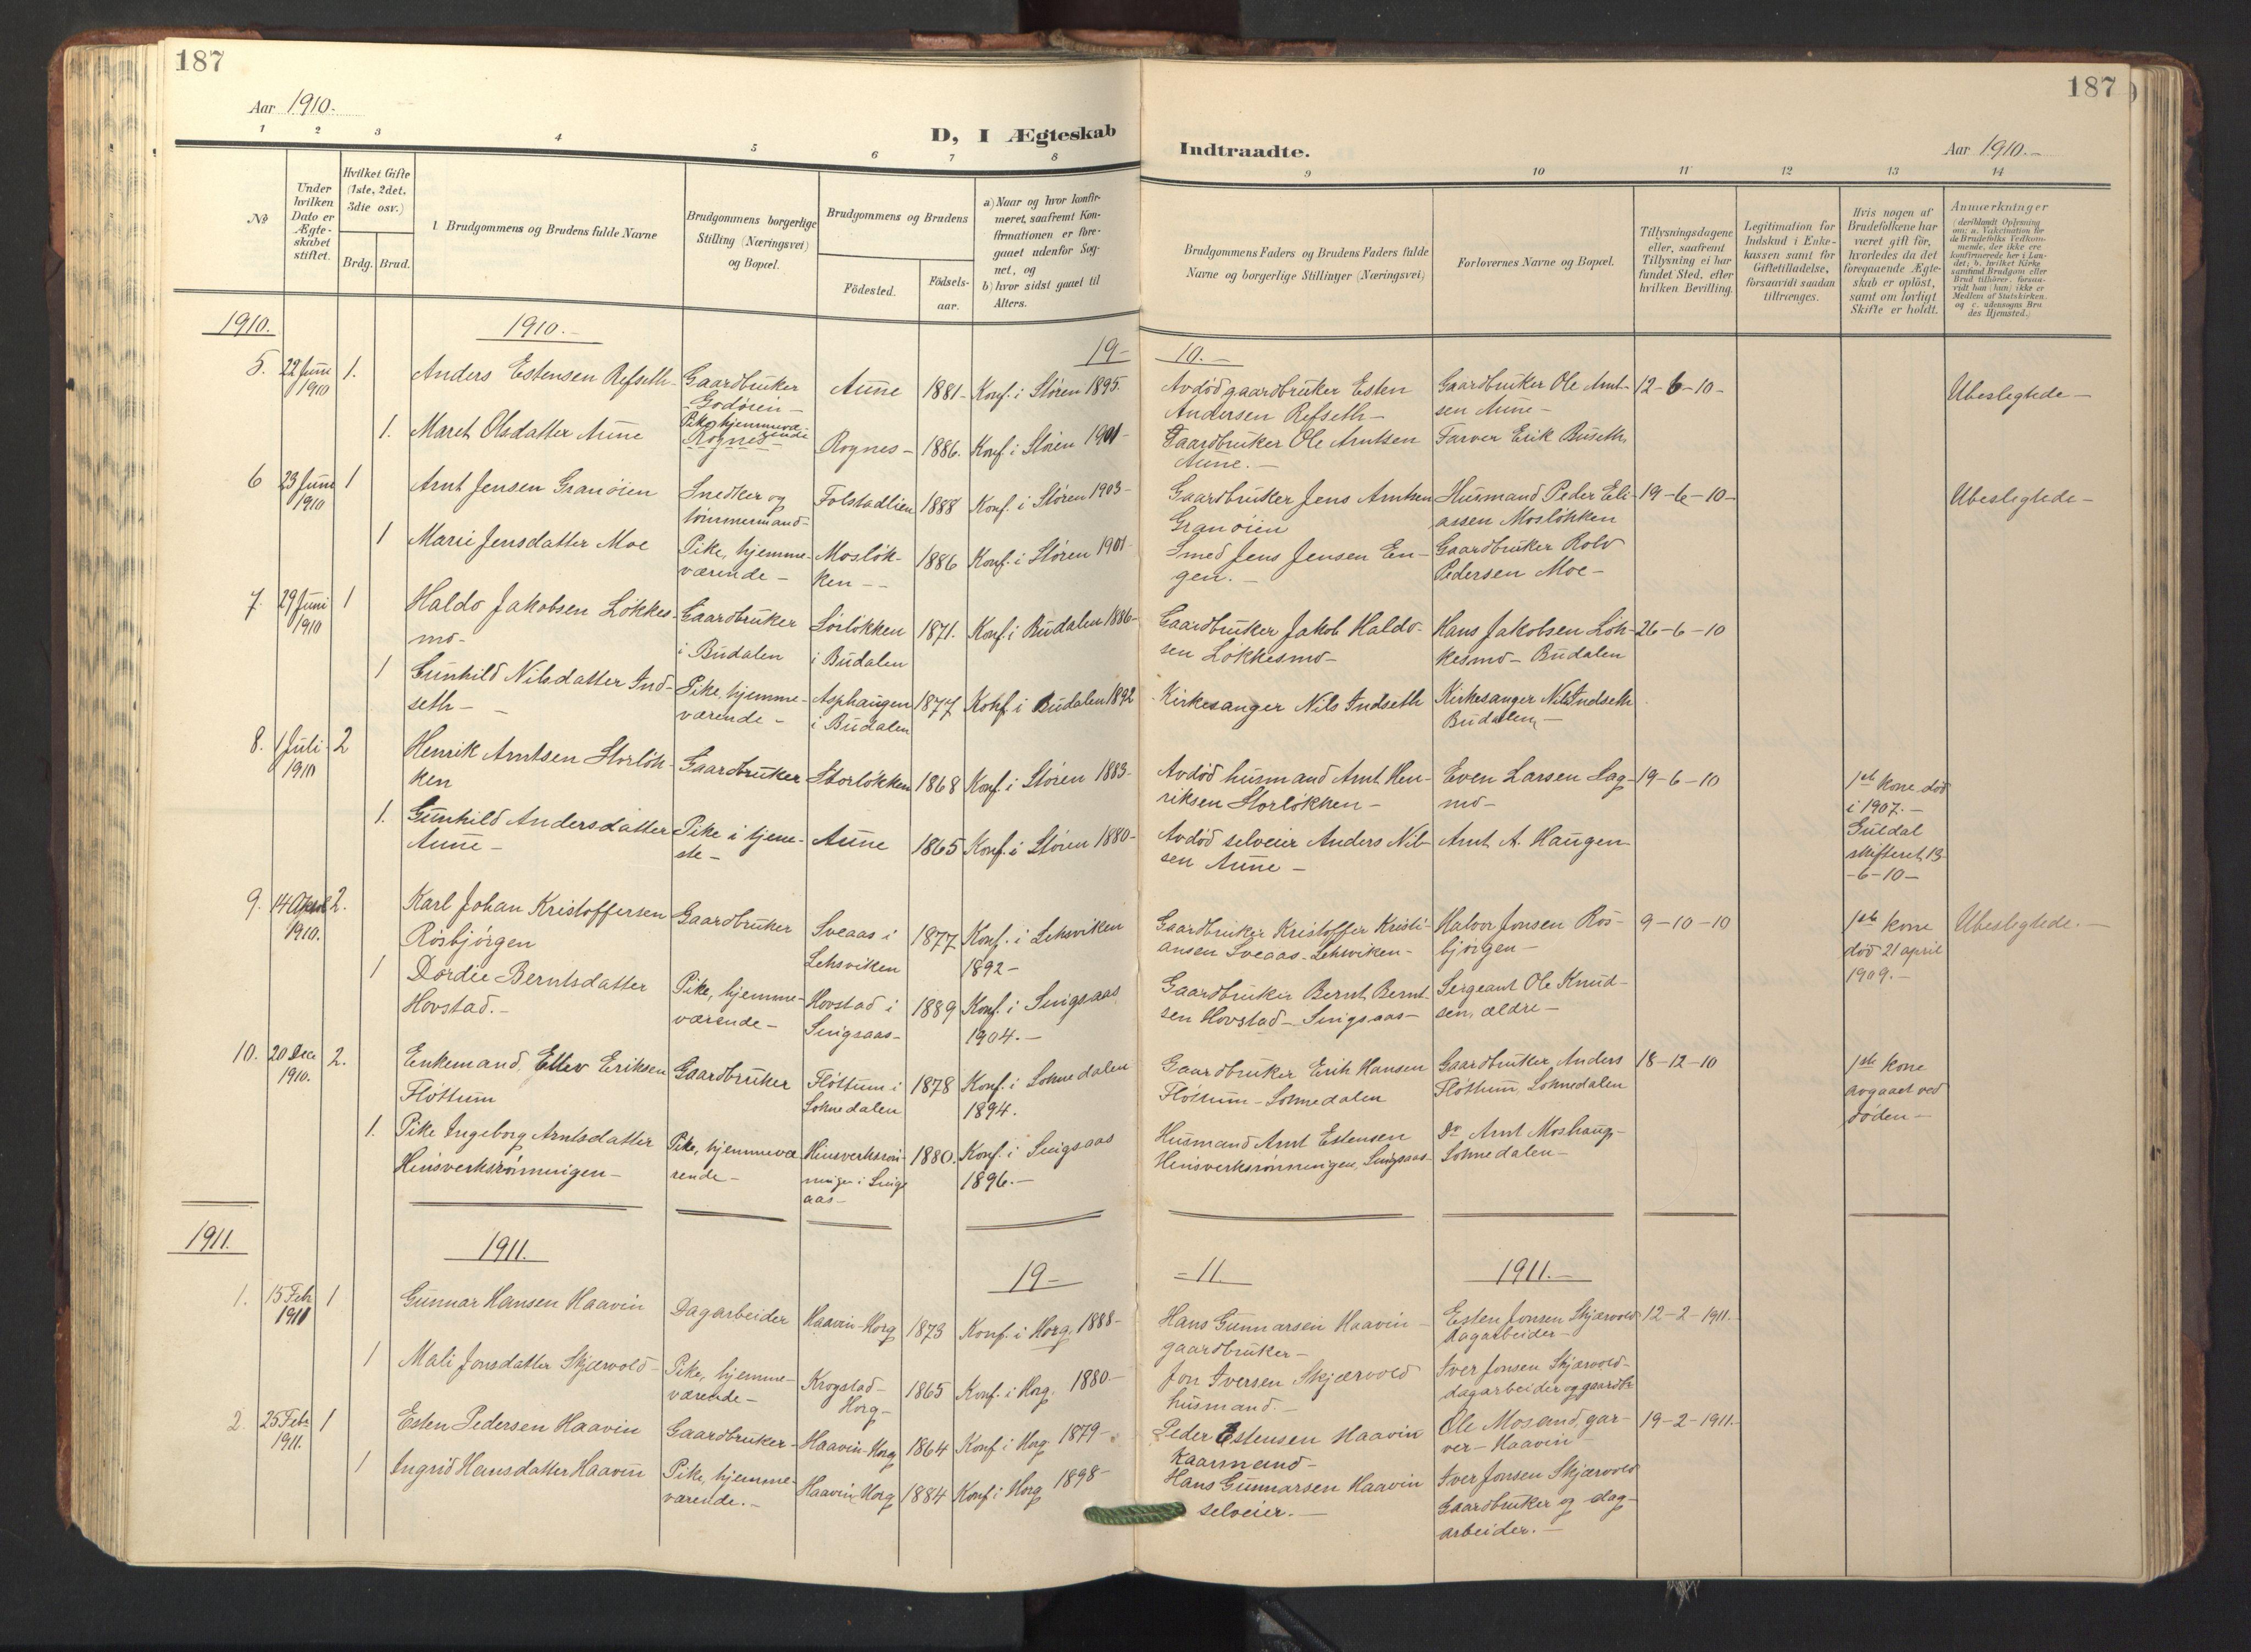 SAT, Ministerialprotokoller, klokkerbøker og fødselsregistre - Sør-Trøndelag, 687/L1019: Klokkerbok nr. 687C03, 1904-1931, s. 187